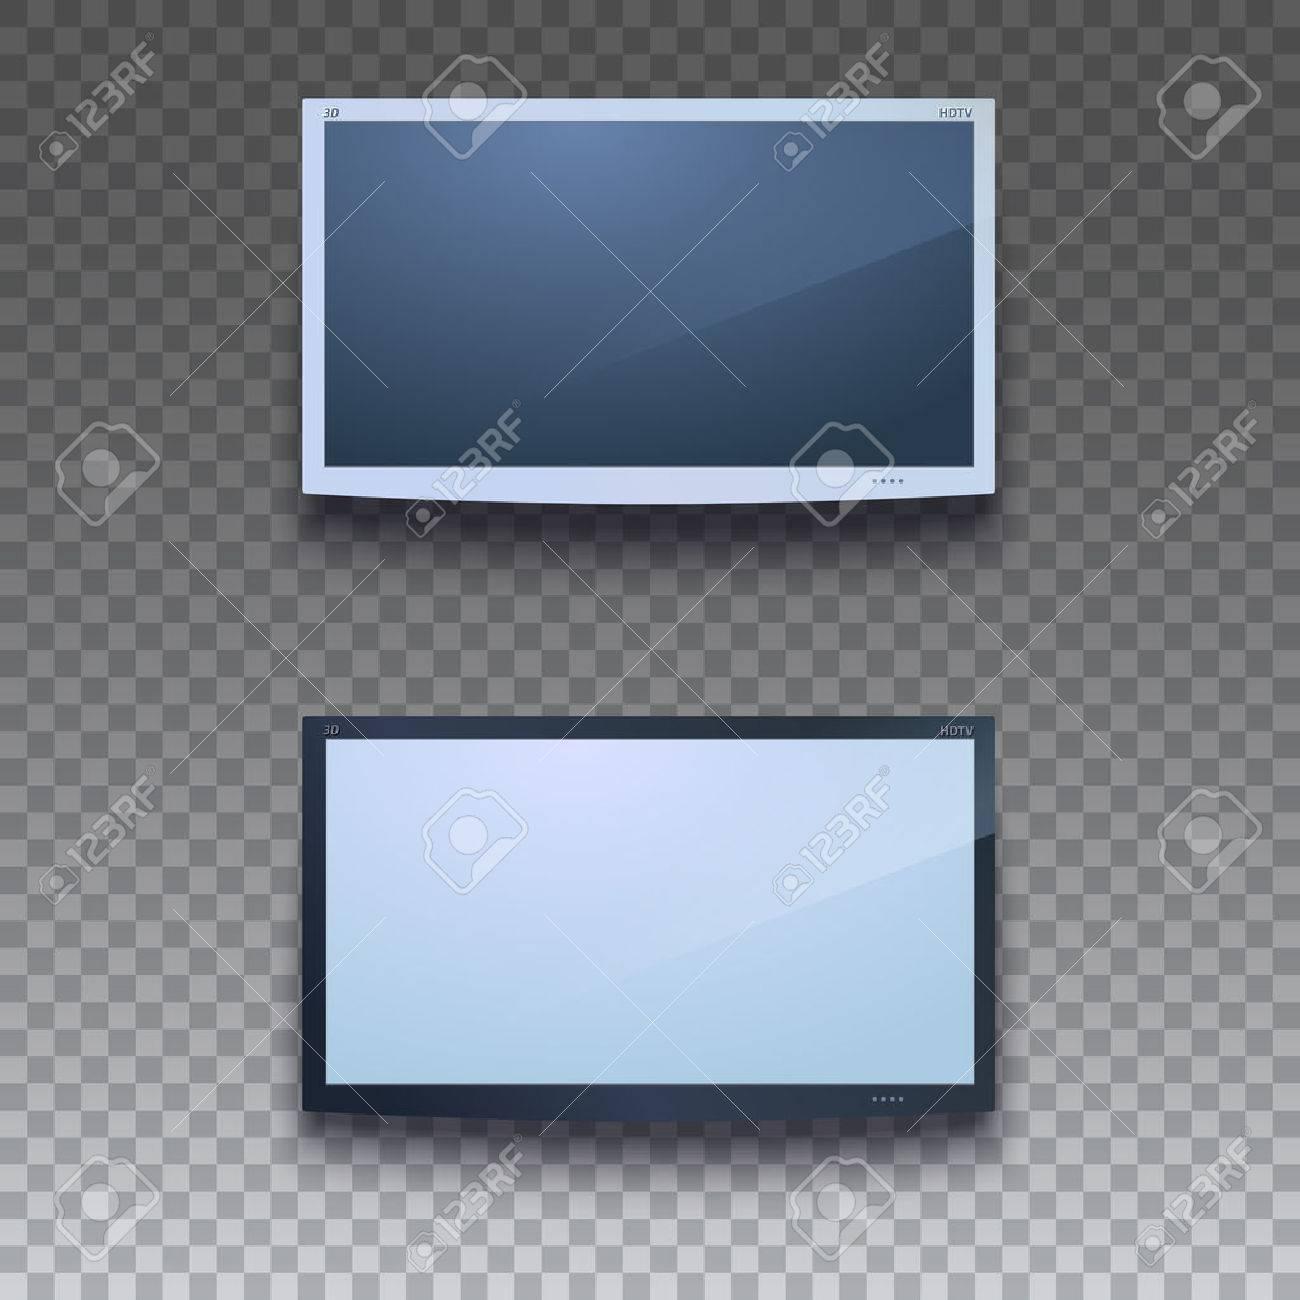 Fernseher Hintergrund led-fernseher an der wand auf transparentem hintergrund hängen. zwei